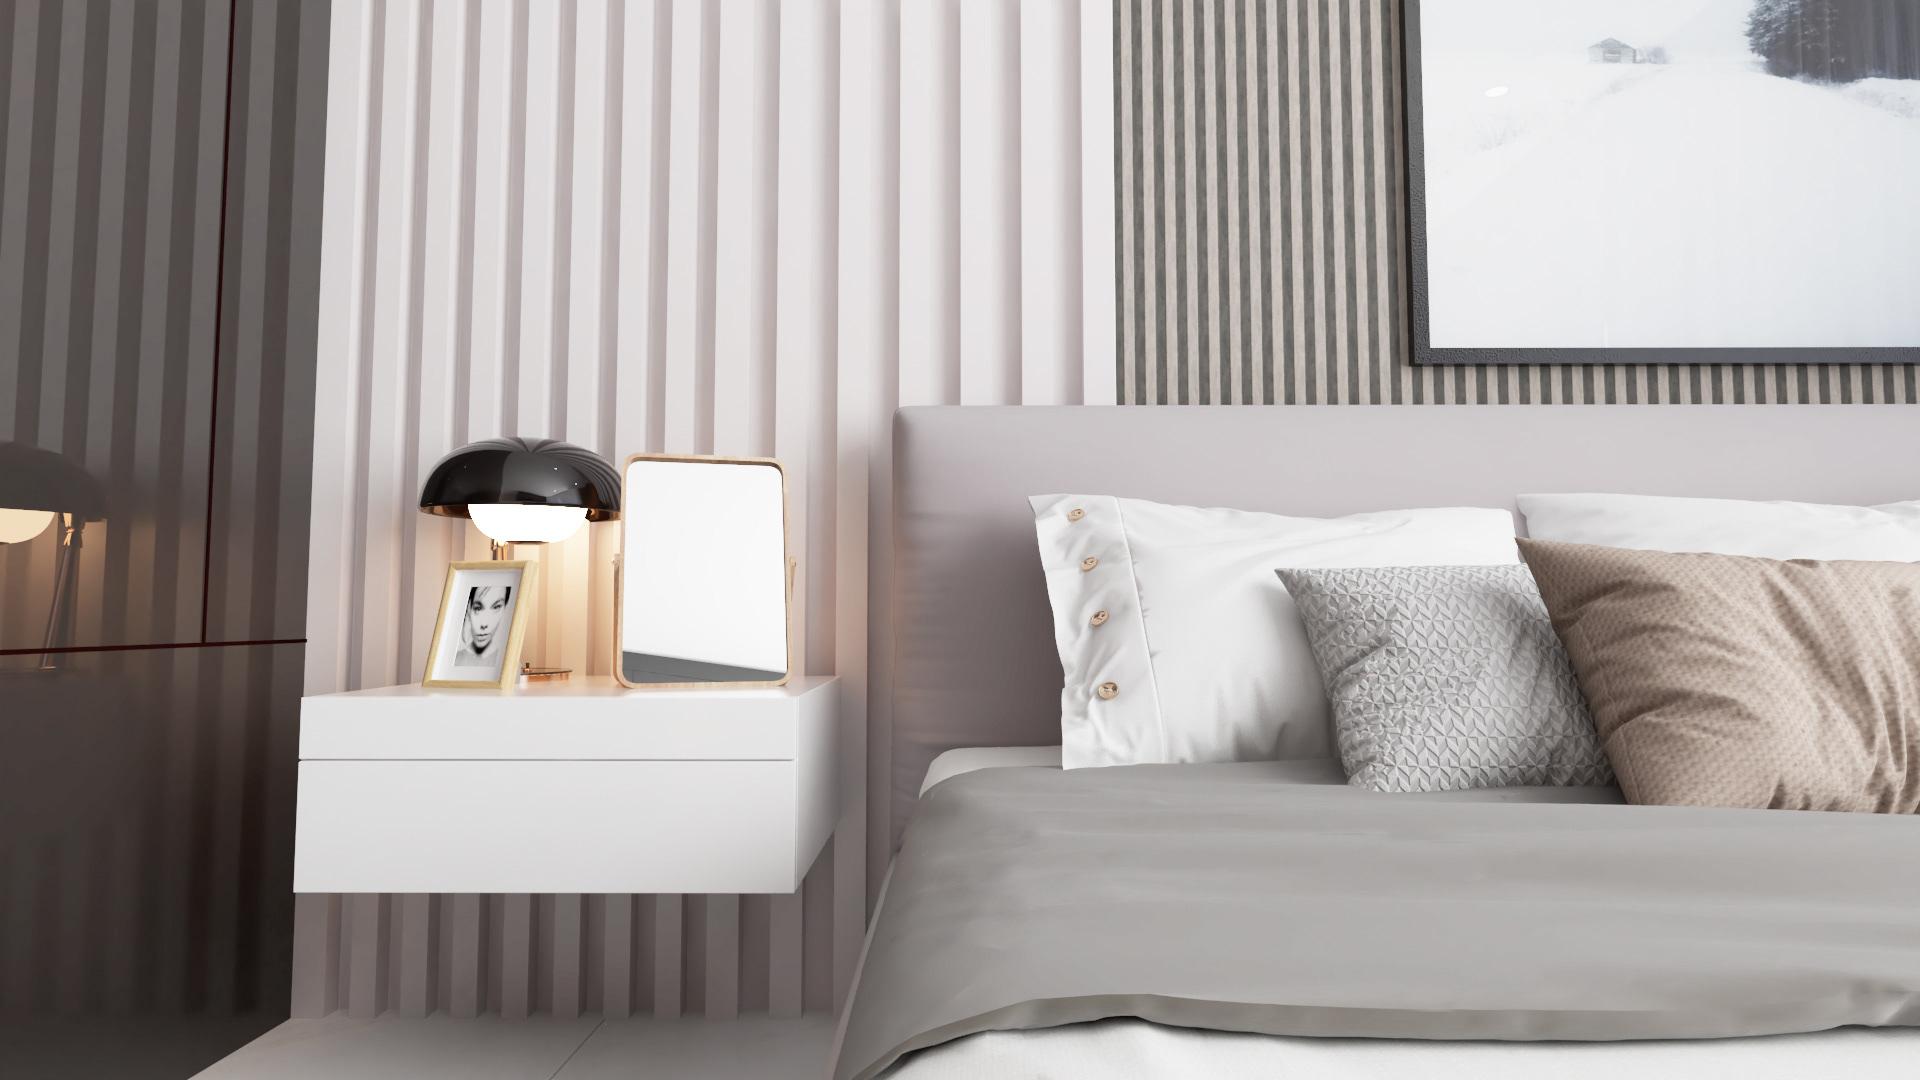 Tư vấn thiết kế căn hộ thô có diện tích 54m² với tổng chi phí 83 triệu đồng - Ảnh 7